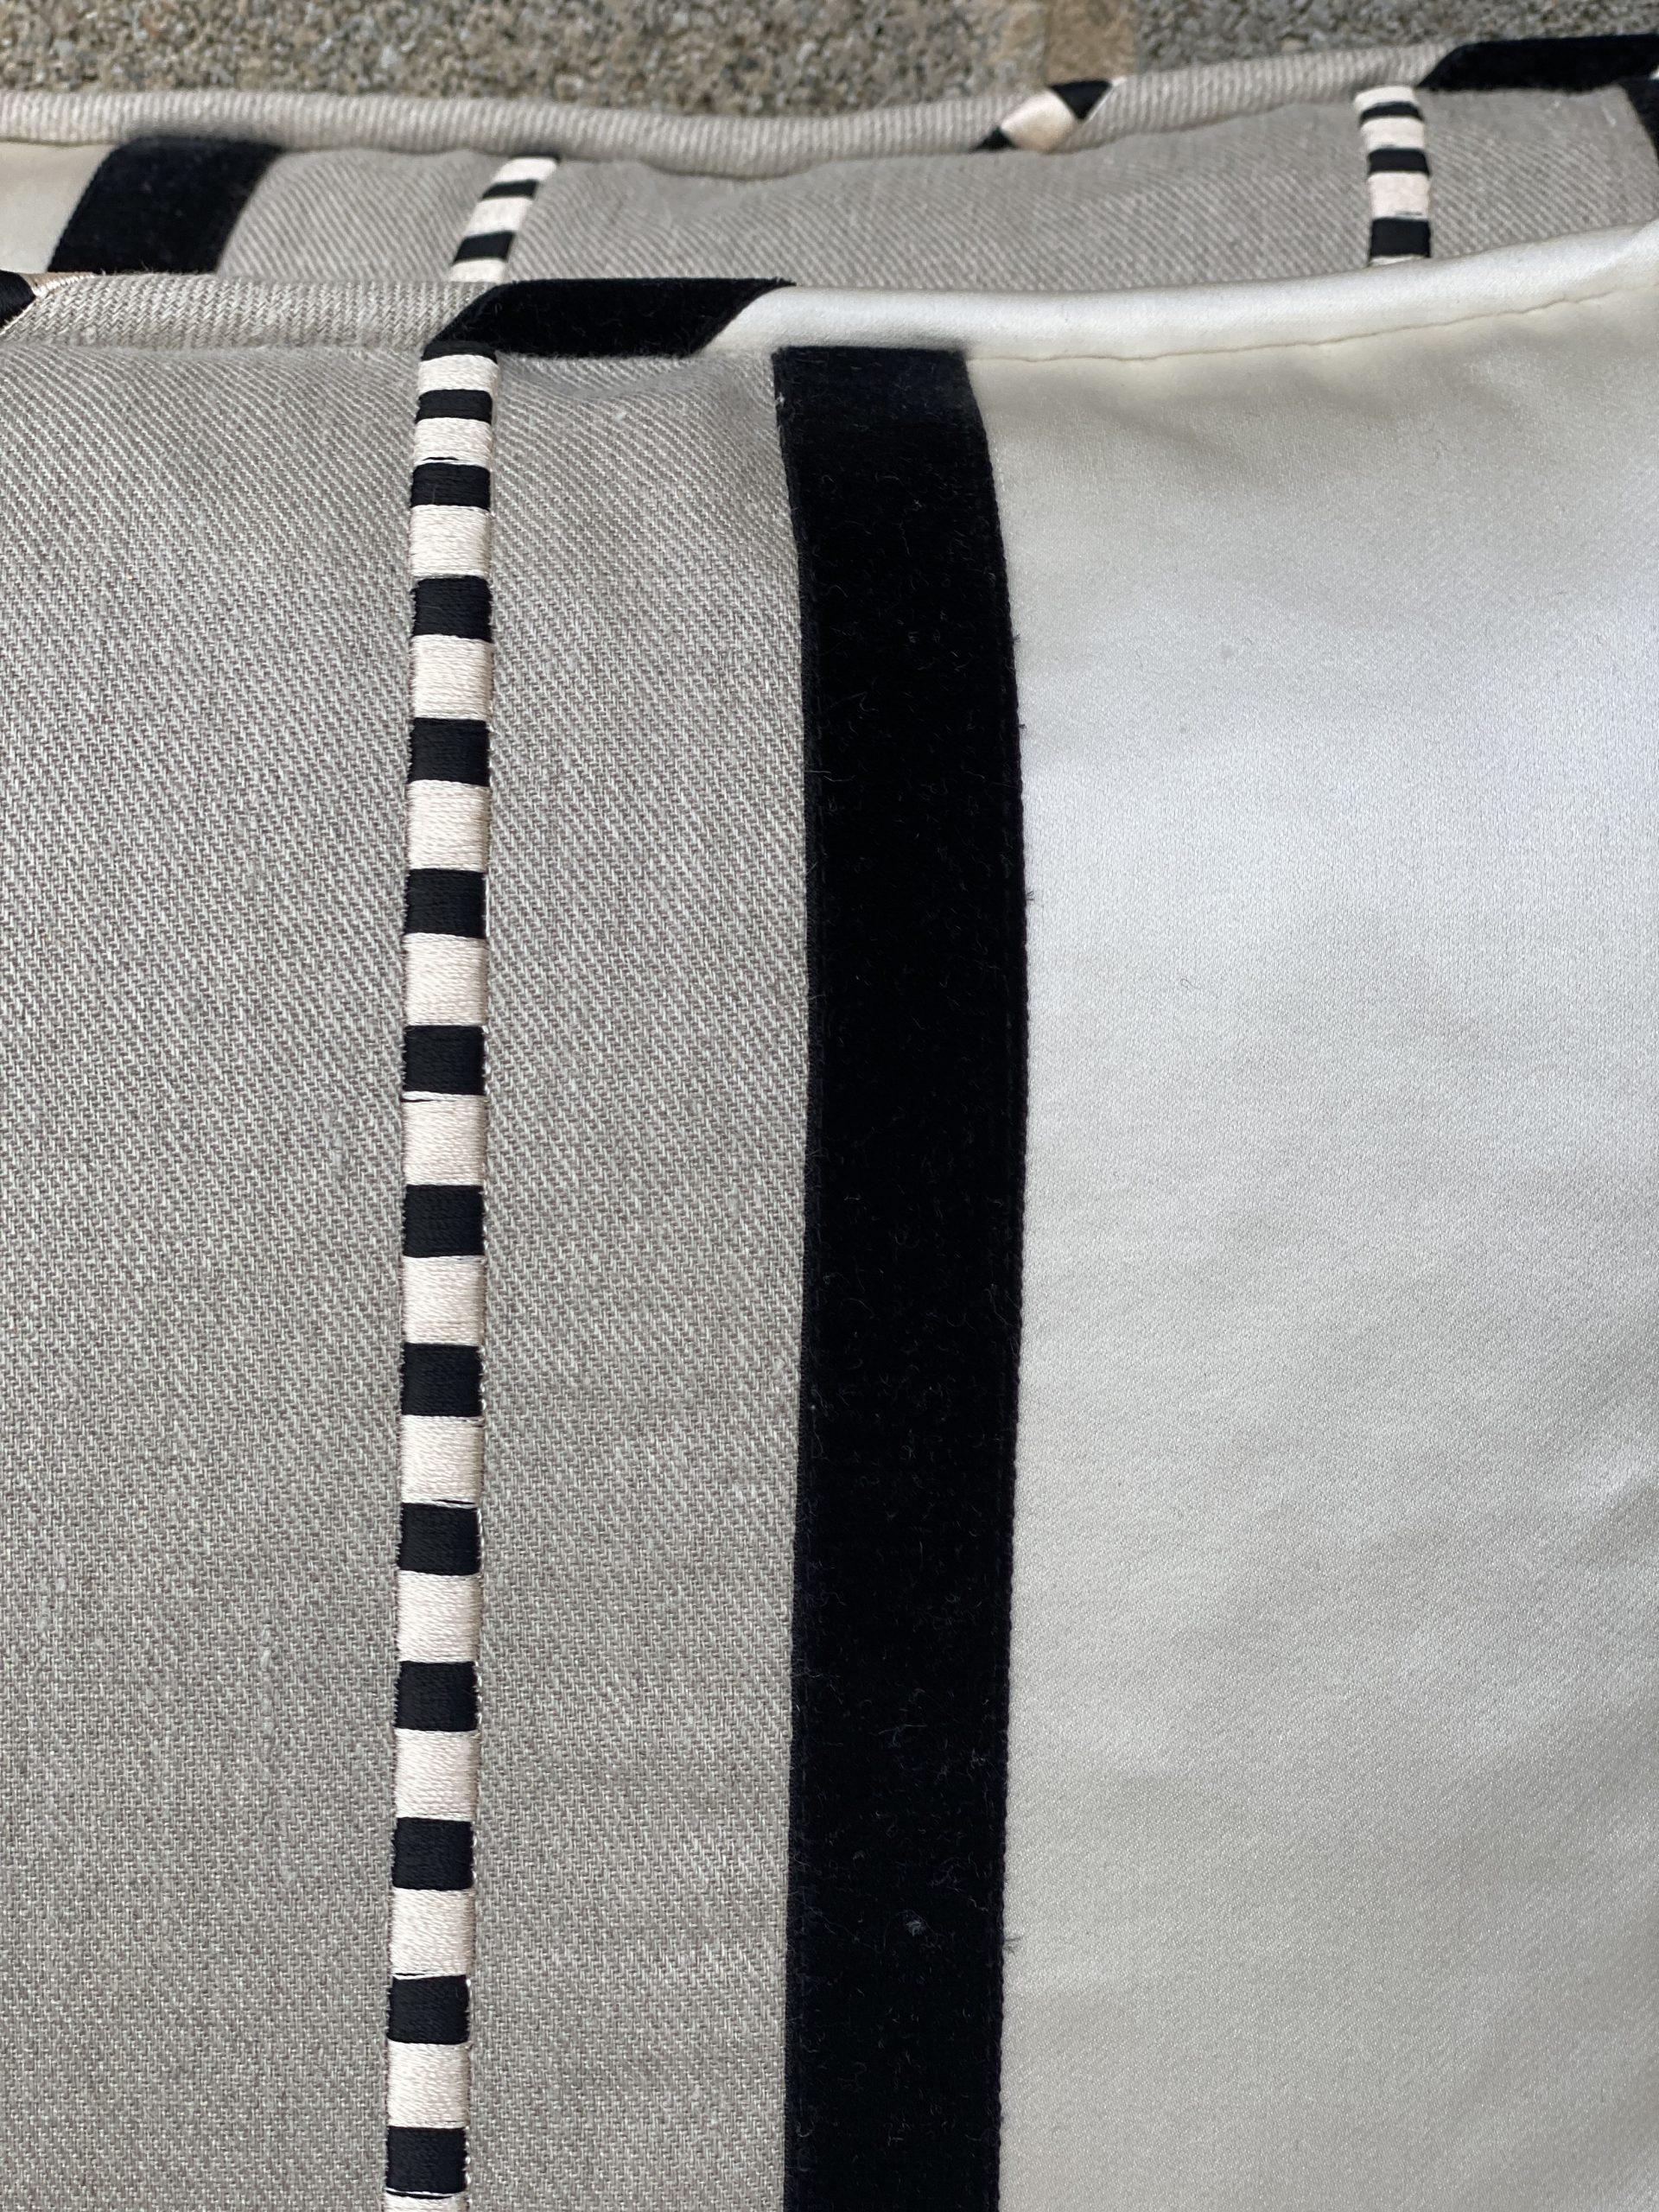 Larsen Pillows